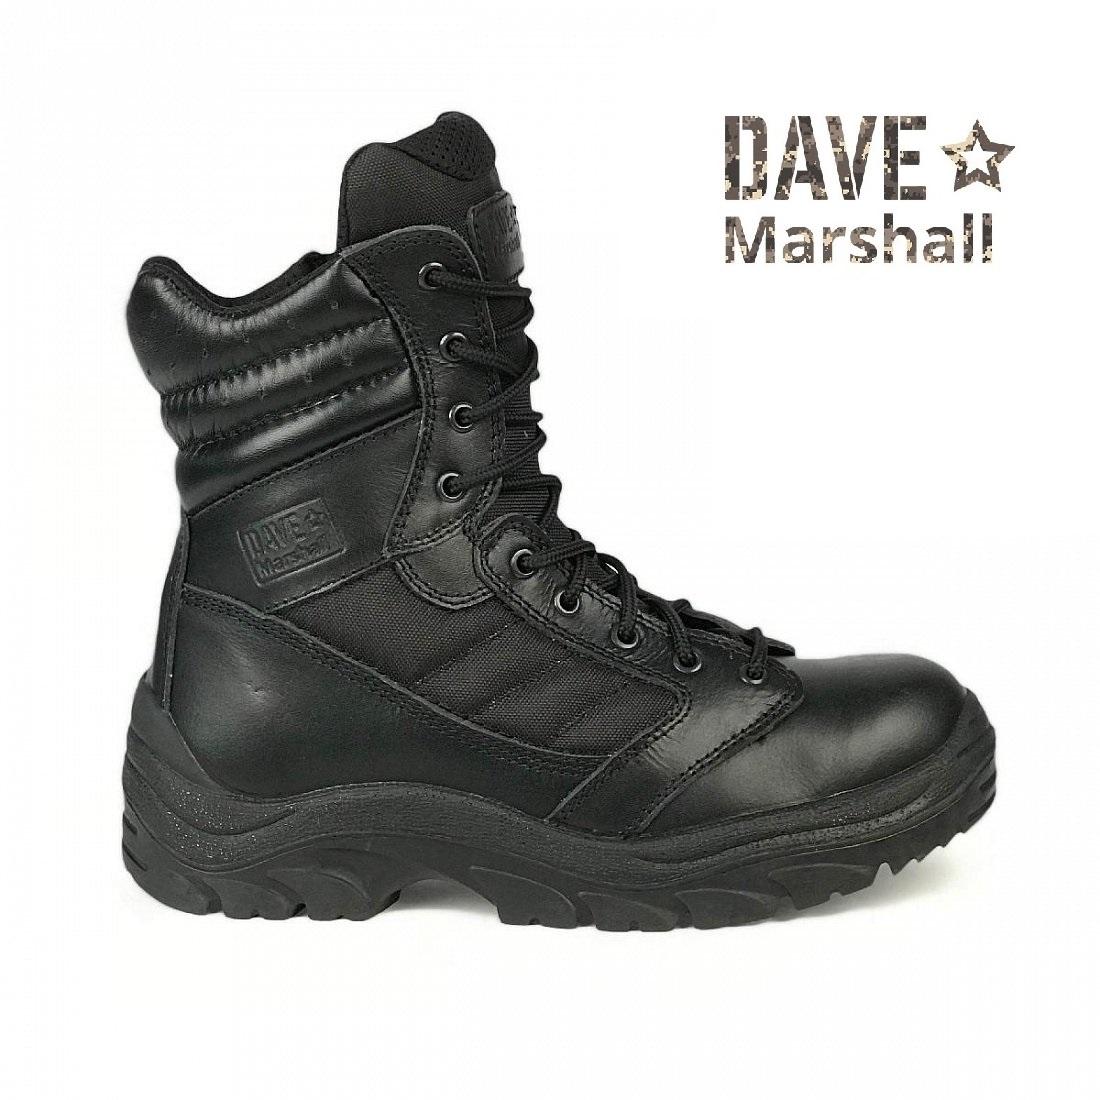 Ботинки кожаные с высокими берцами TERRA CG-7, Ботинки - арт. 1129480177